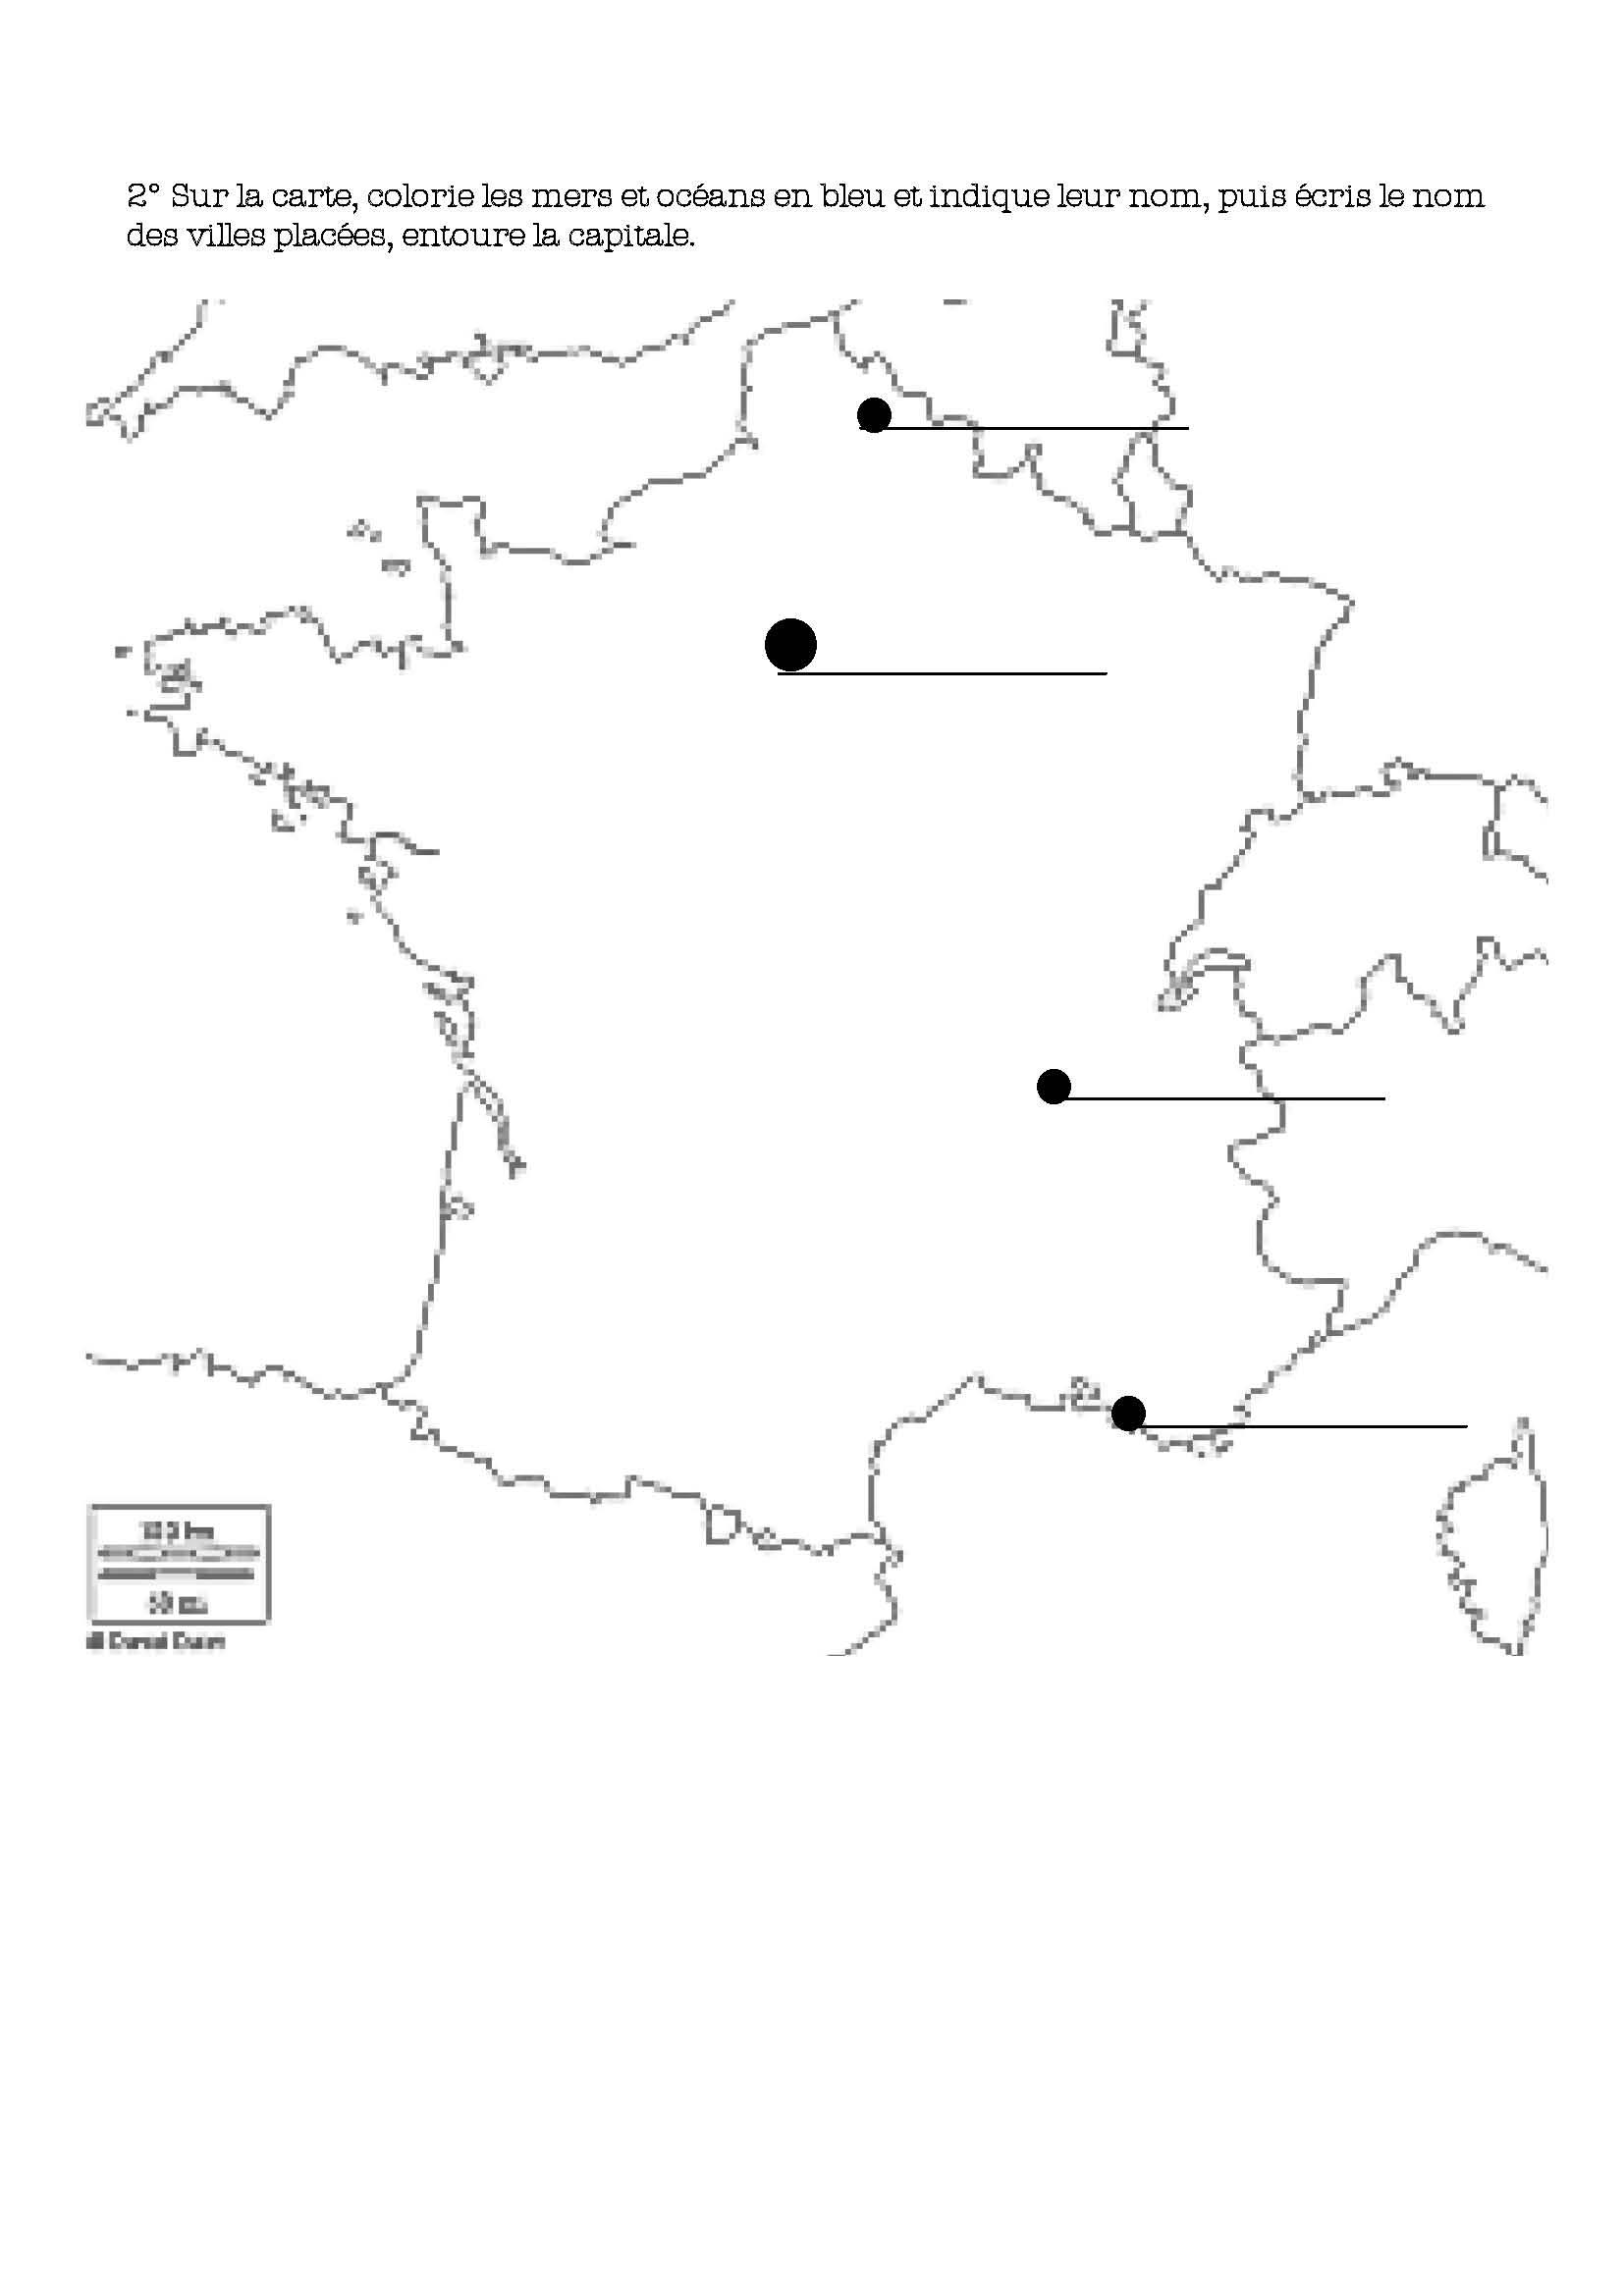 Évaluation Cartes Et Légendes-Ce1 - La Classe De Bertaga pour Carte De France Ce1